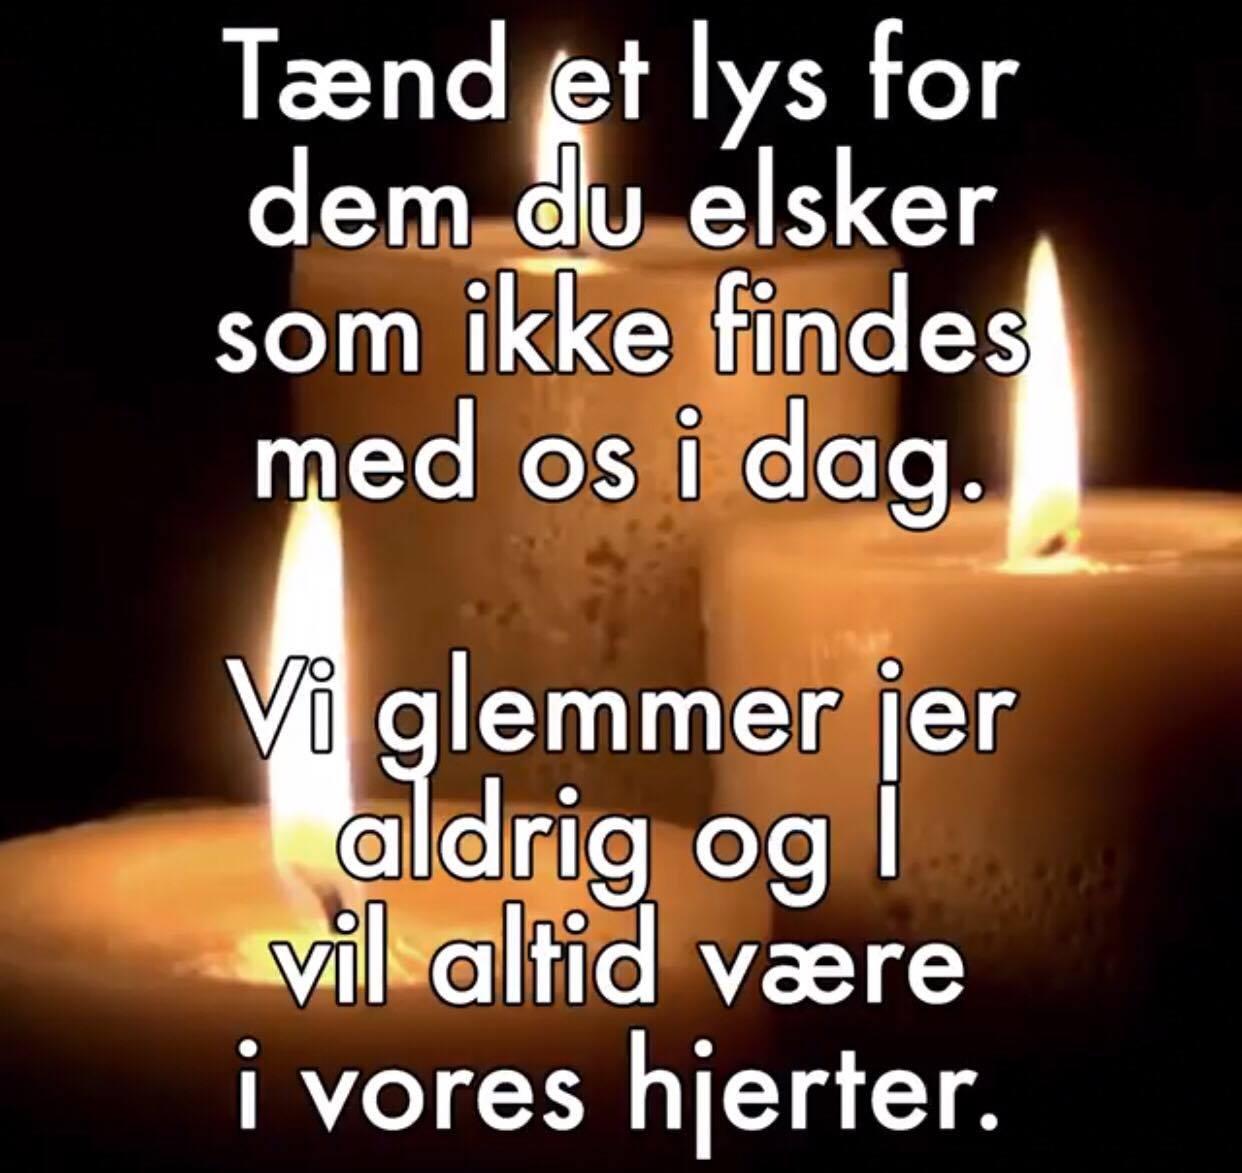 top citater Tænd   Top citater på Dansk, Søde citater, Kærligheds citater.. top citater